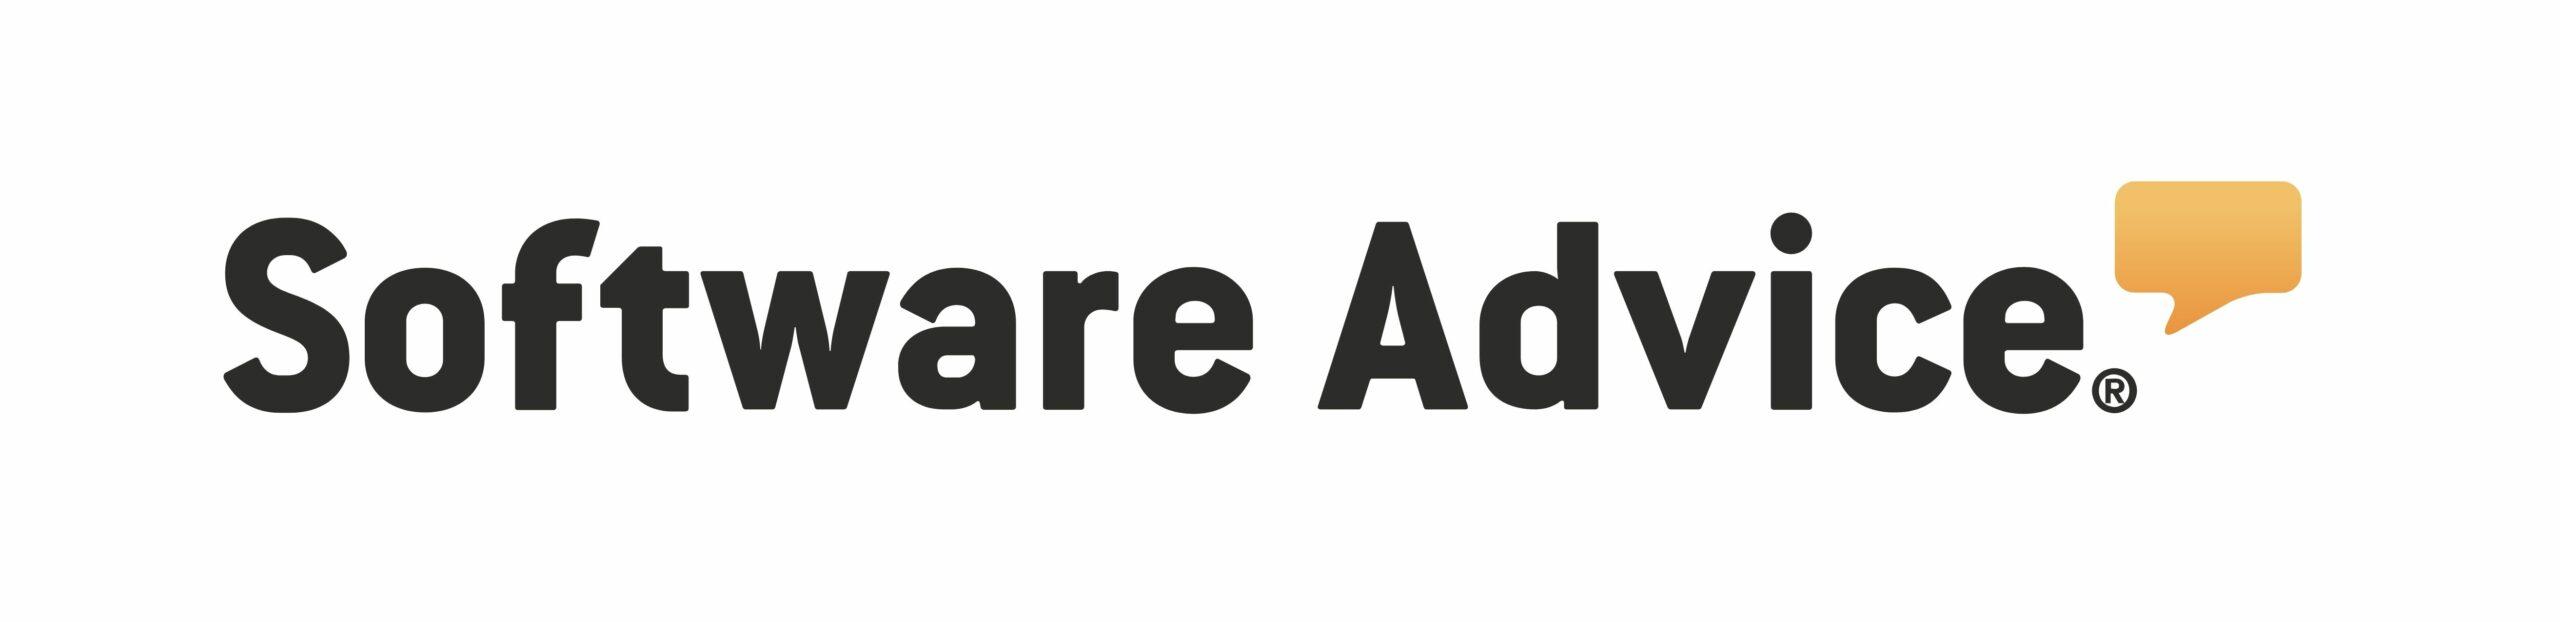 software advise fr